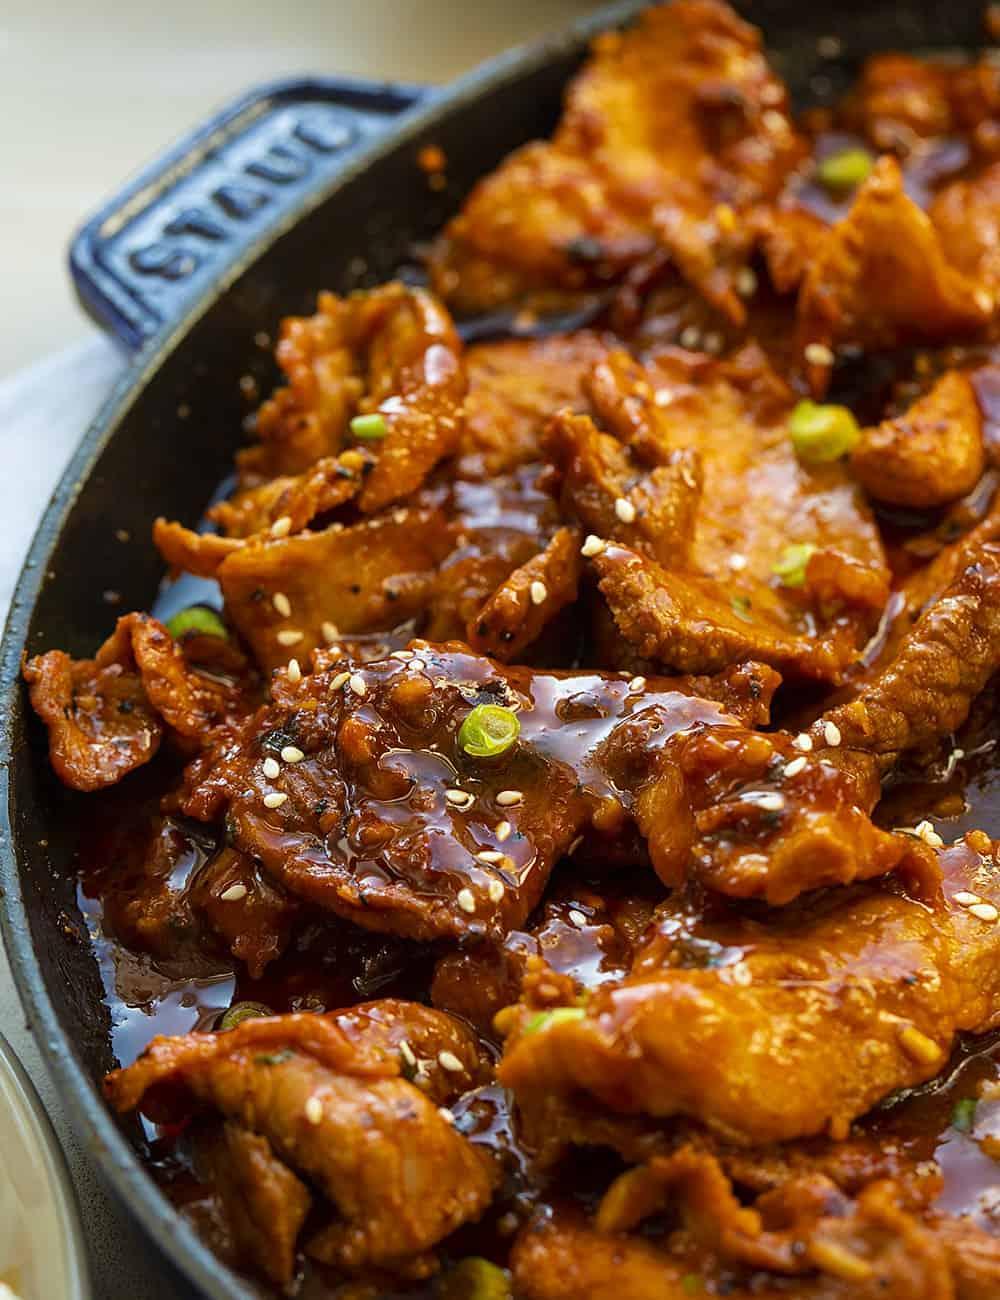 Korean BBQ Pork Recipe in Skillet